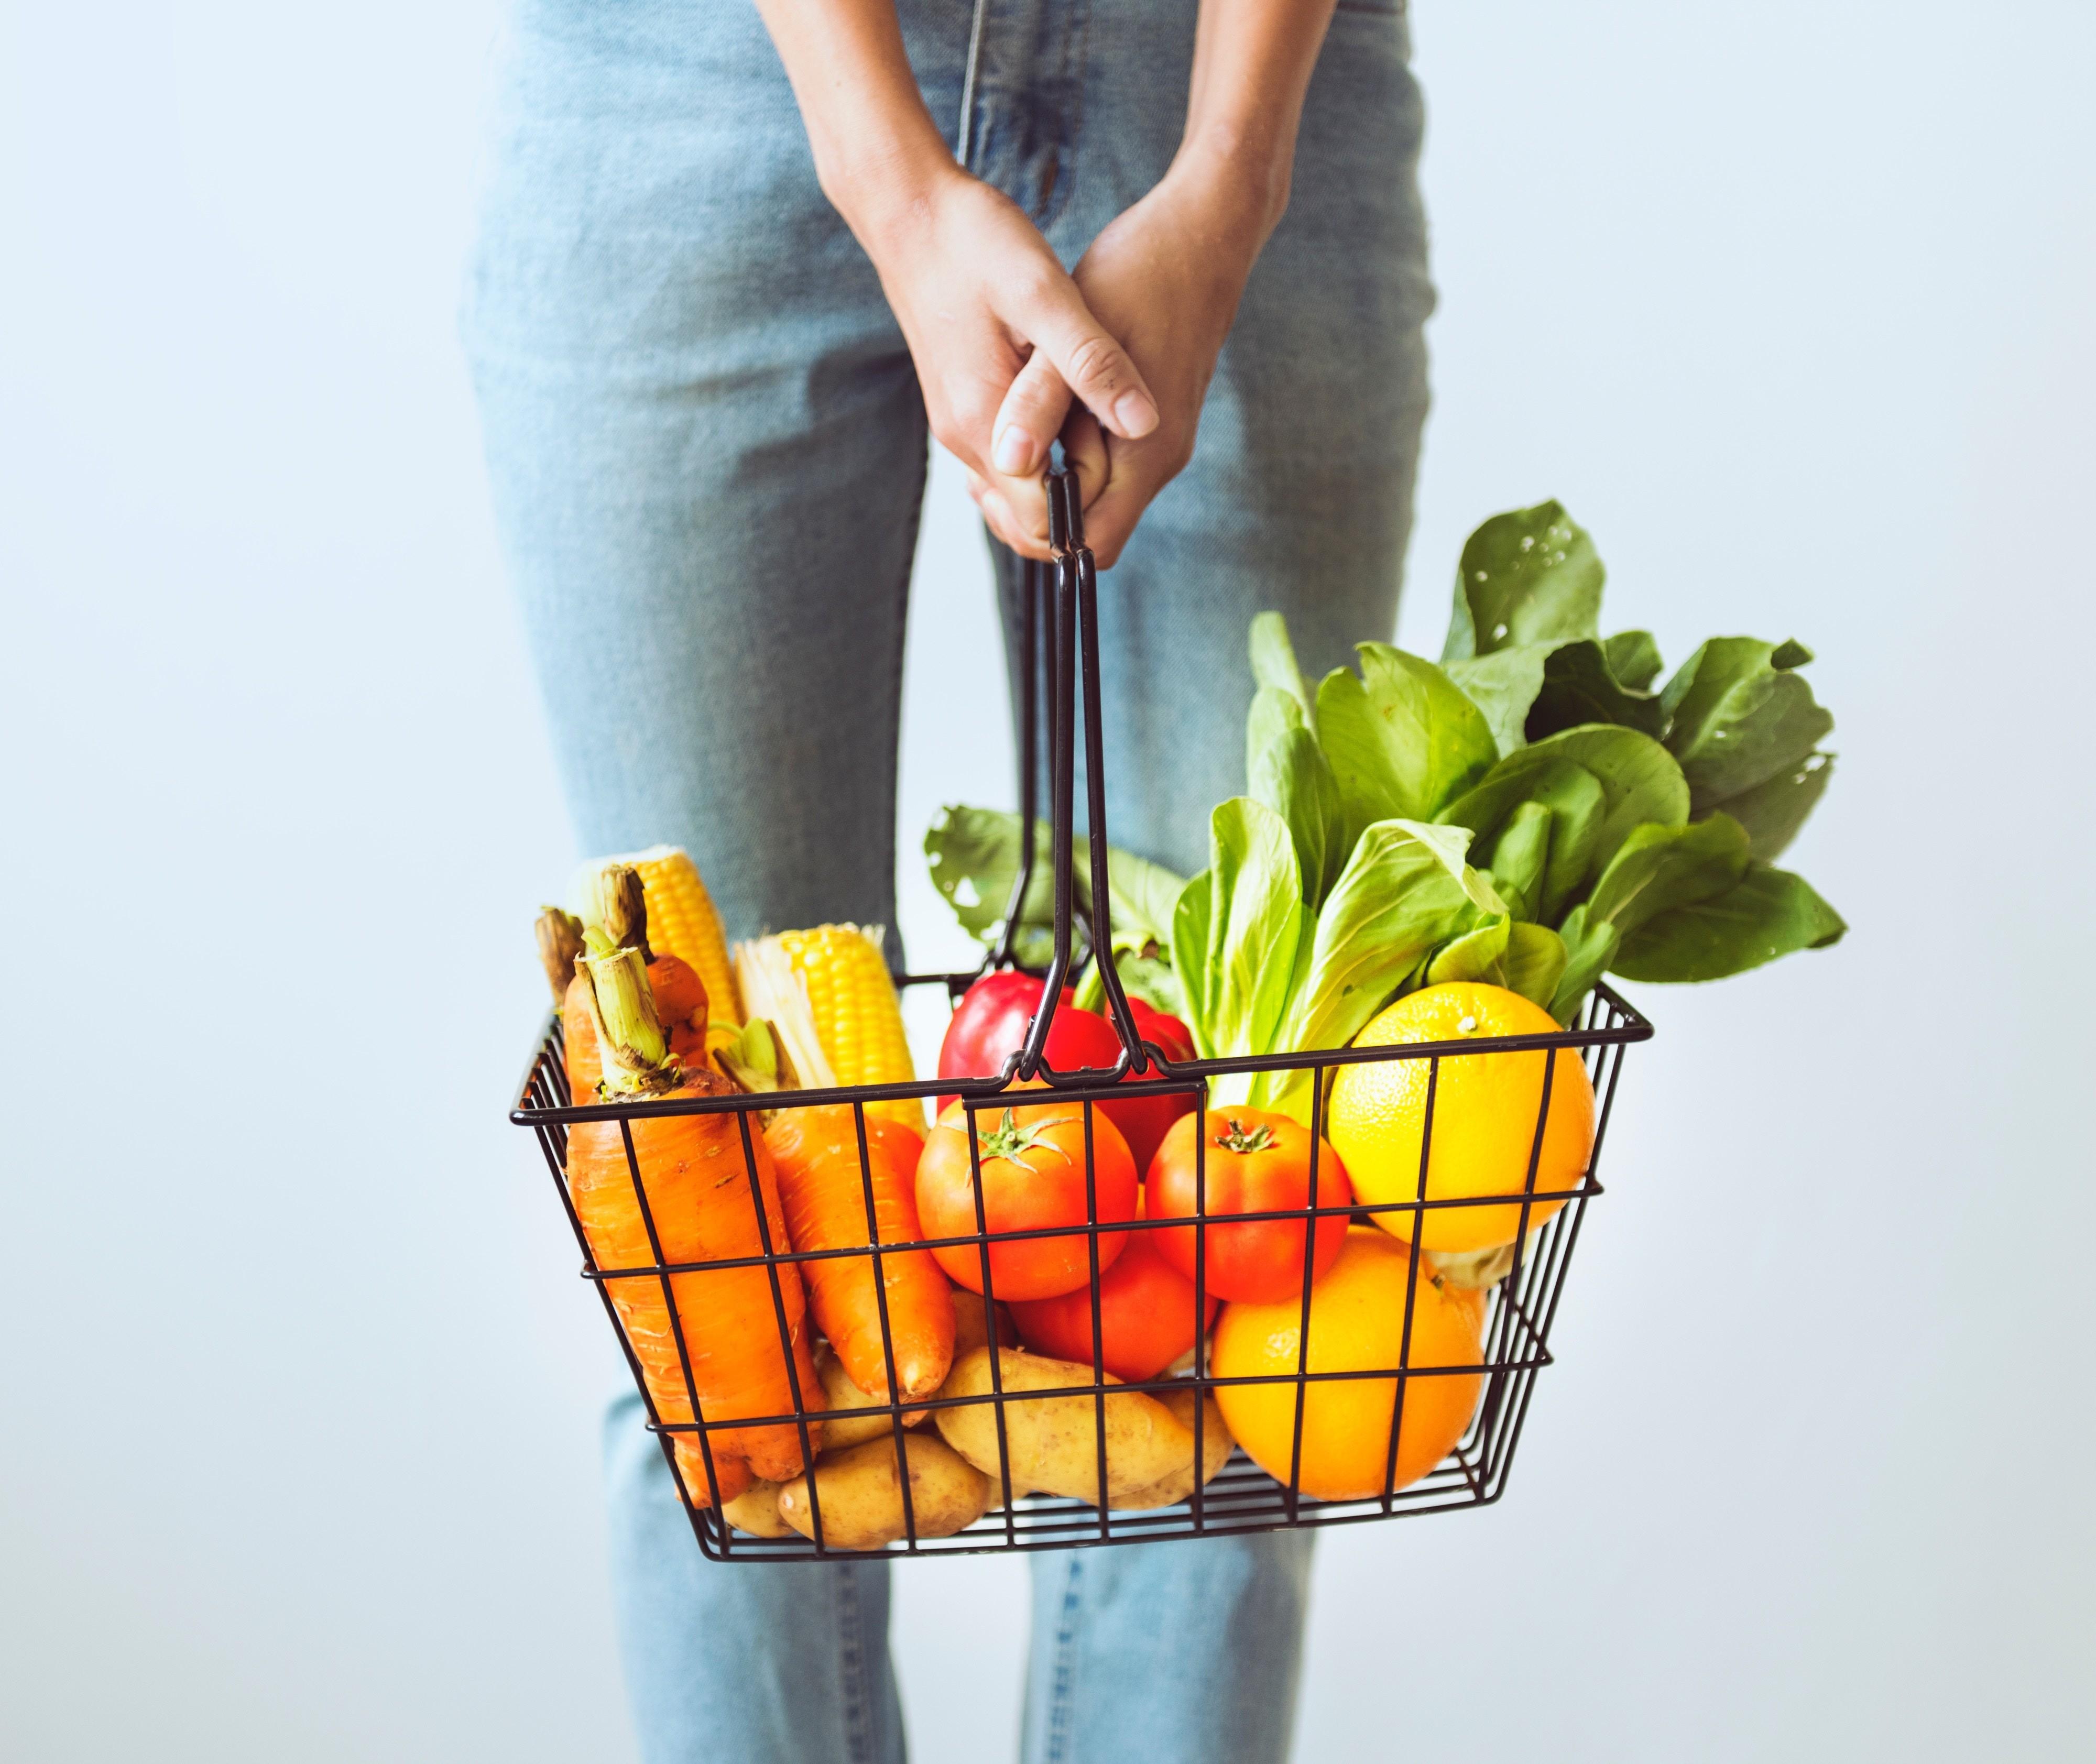 Продукты, повышающие сахар в крови: топ-лист опасной еды